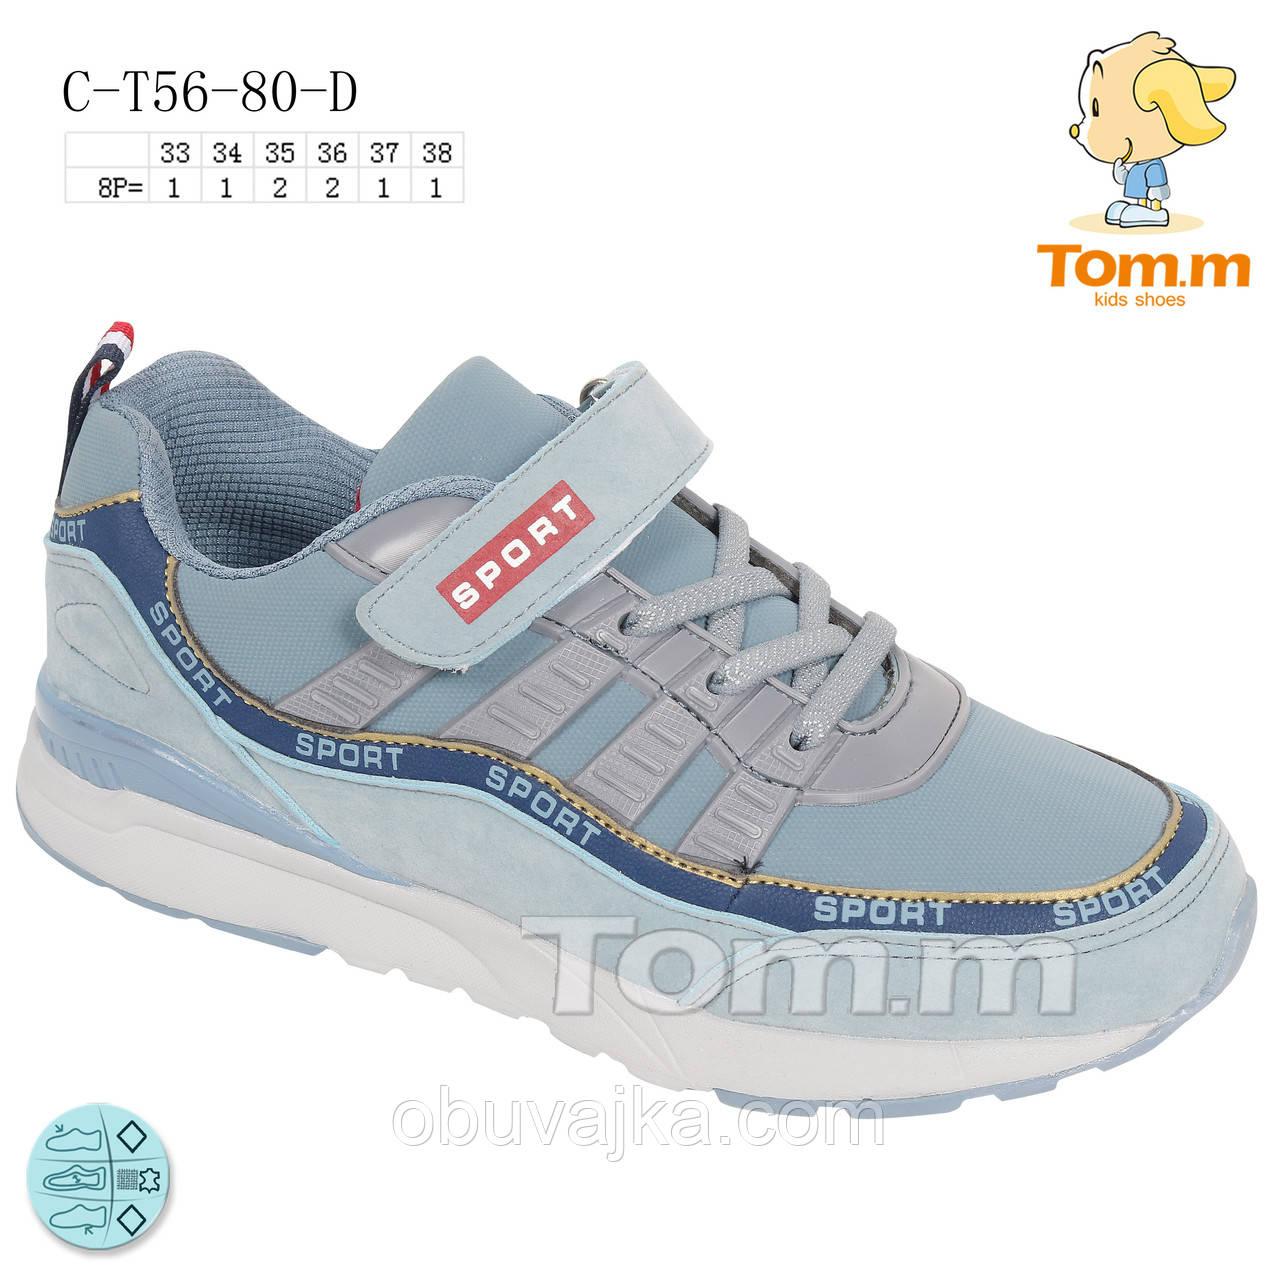 Детские кроссовки 2019 в Одессе от производителя Tom m(33-38)